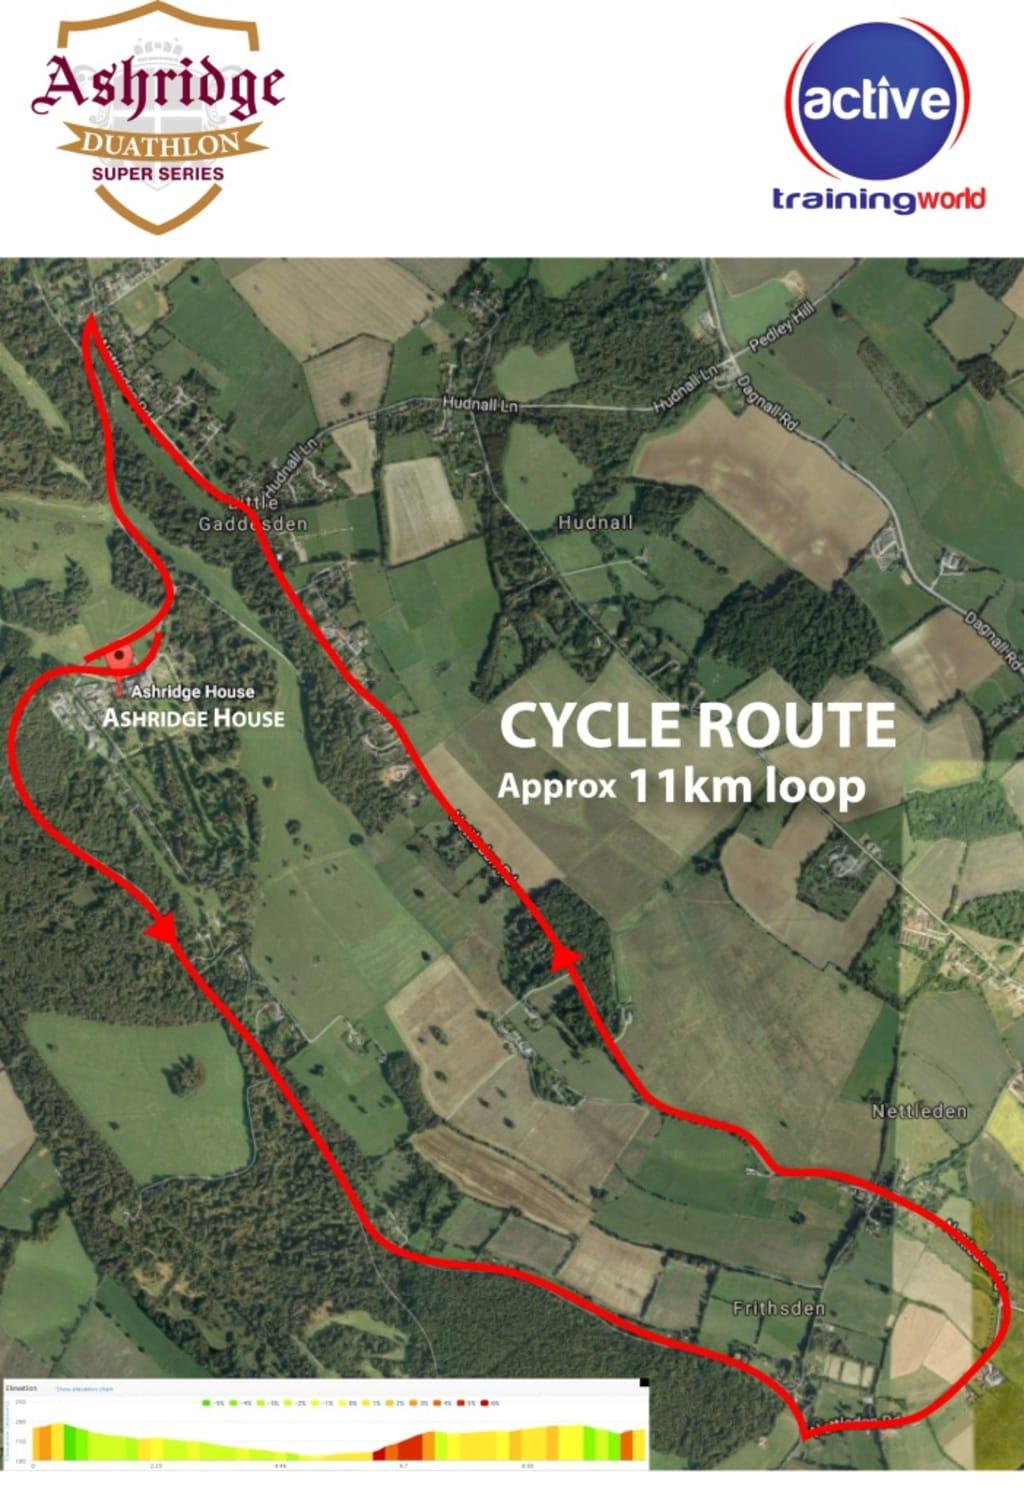 Ashridge-Duathlon-3-Bike-Map.jpg